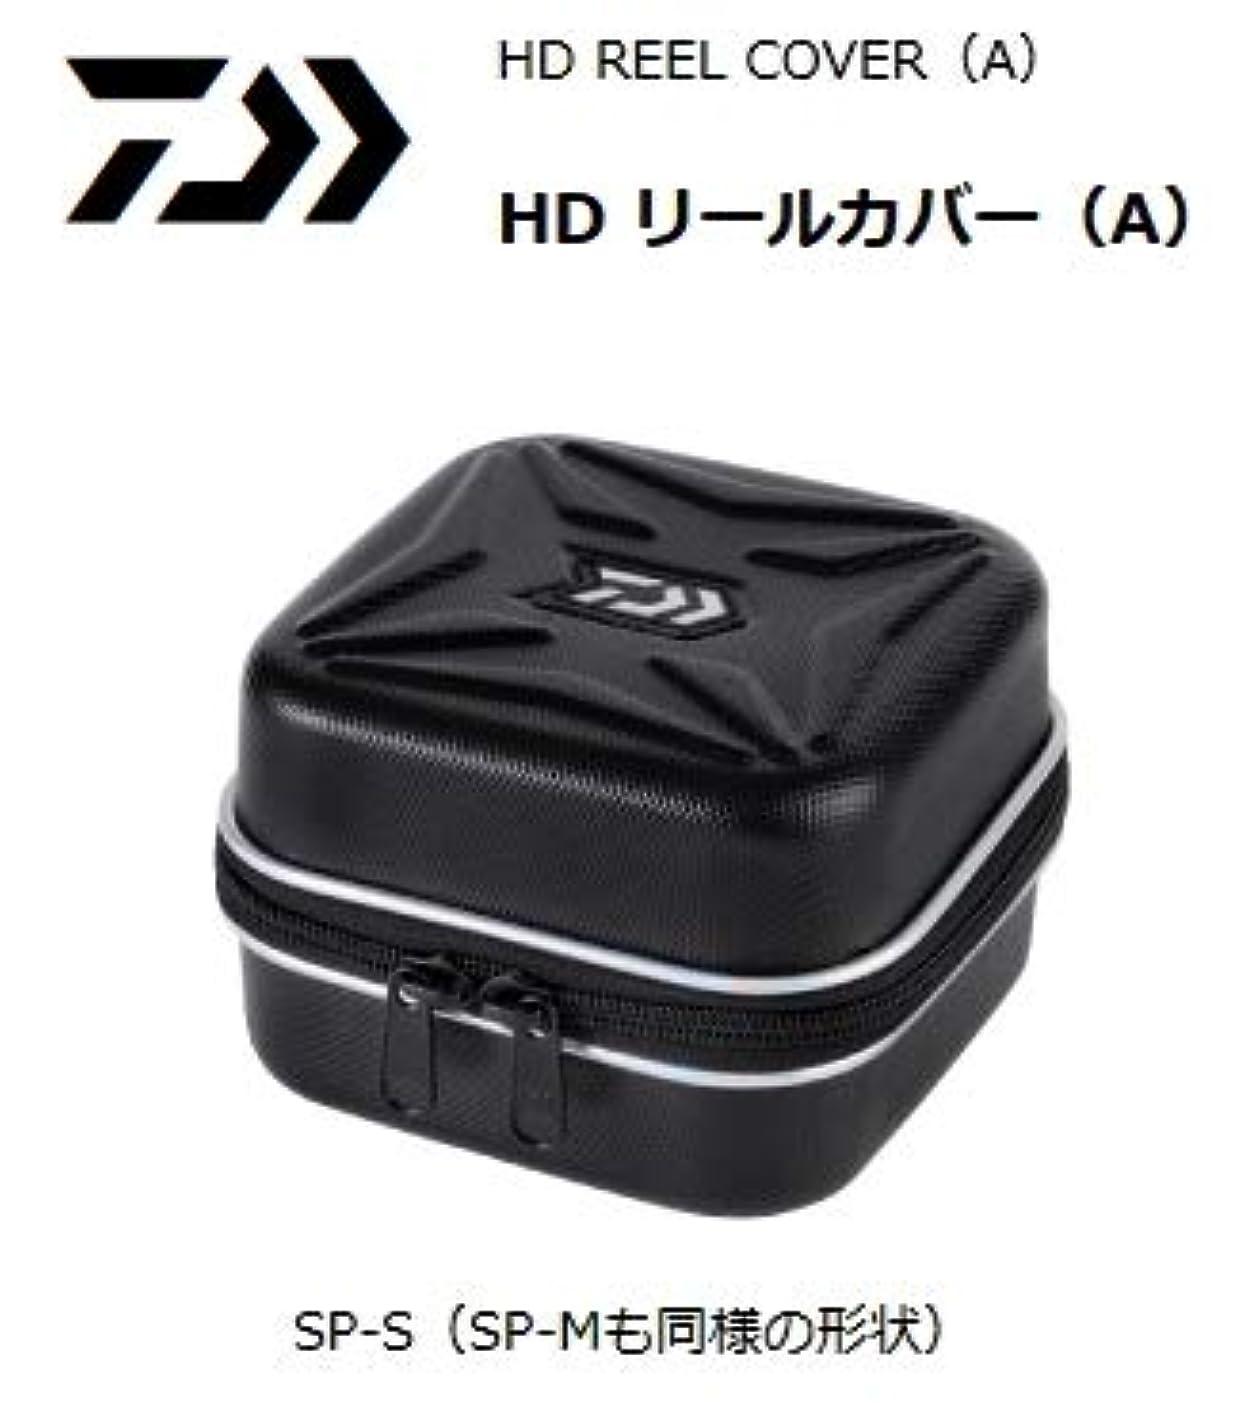 パズルディーラー柔らかいダイワ リールケース HD リールカバー(A) SP-S ブラック